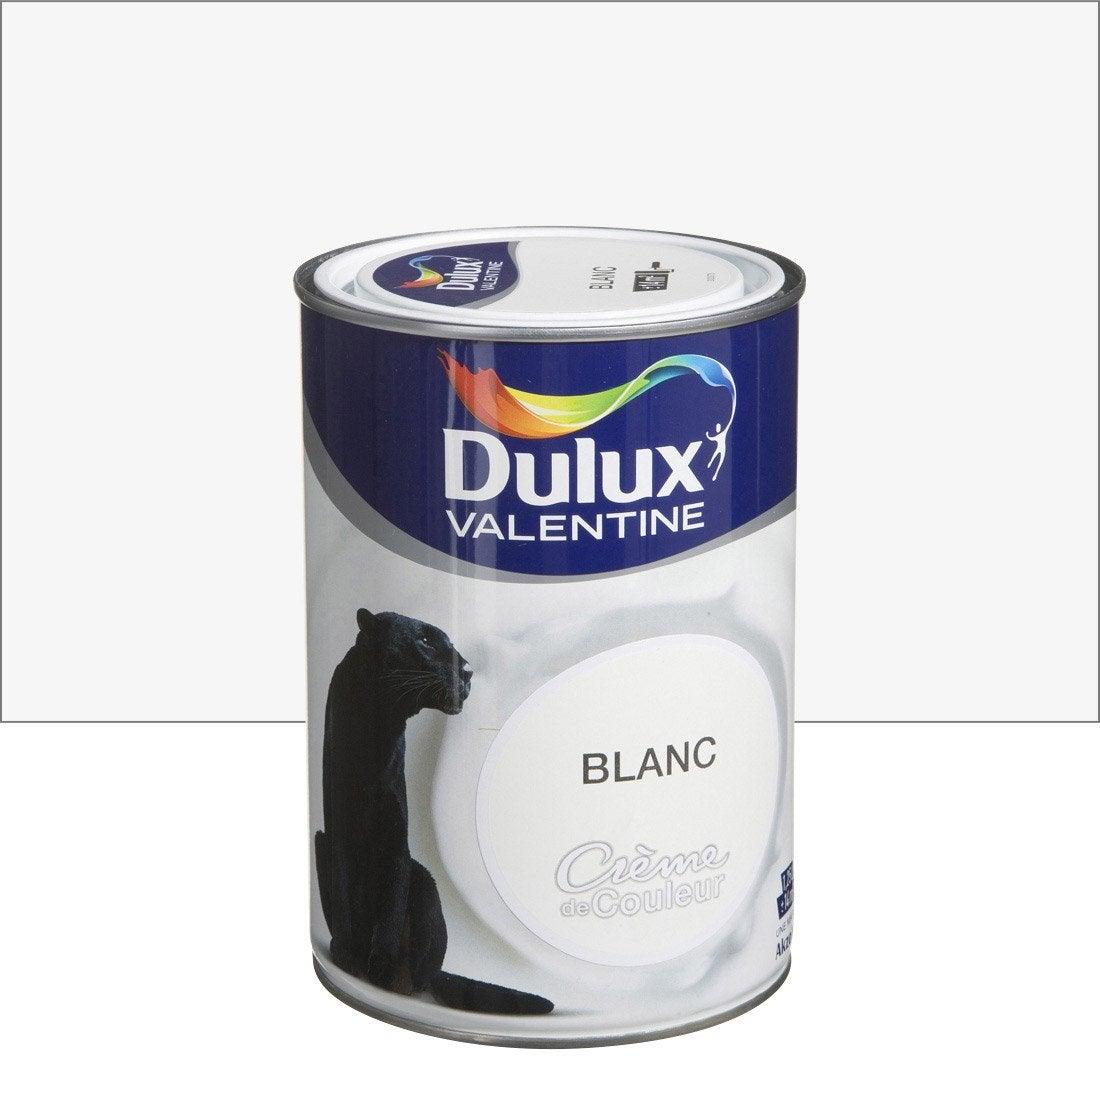 peinture blanc dulux valentine cr me de couleur l. Black Bedroom Furniture Sets. Home Design Ideas